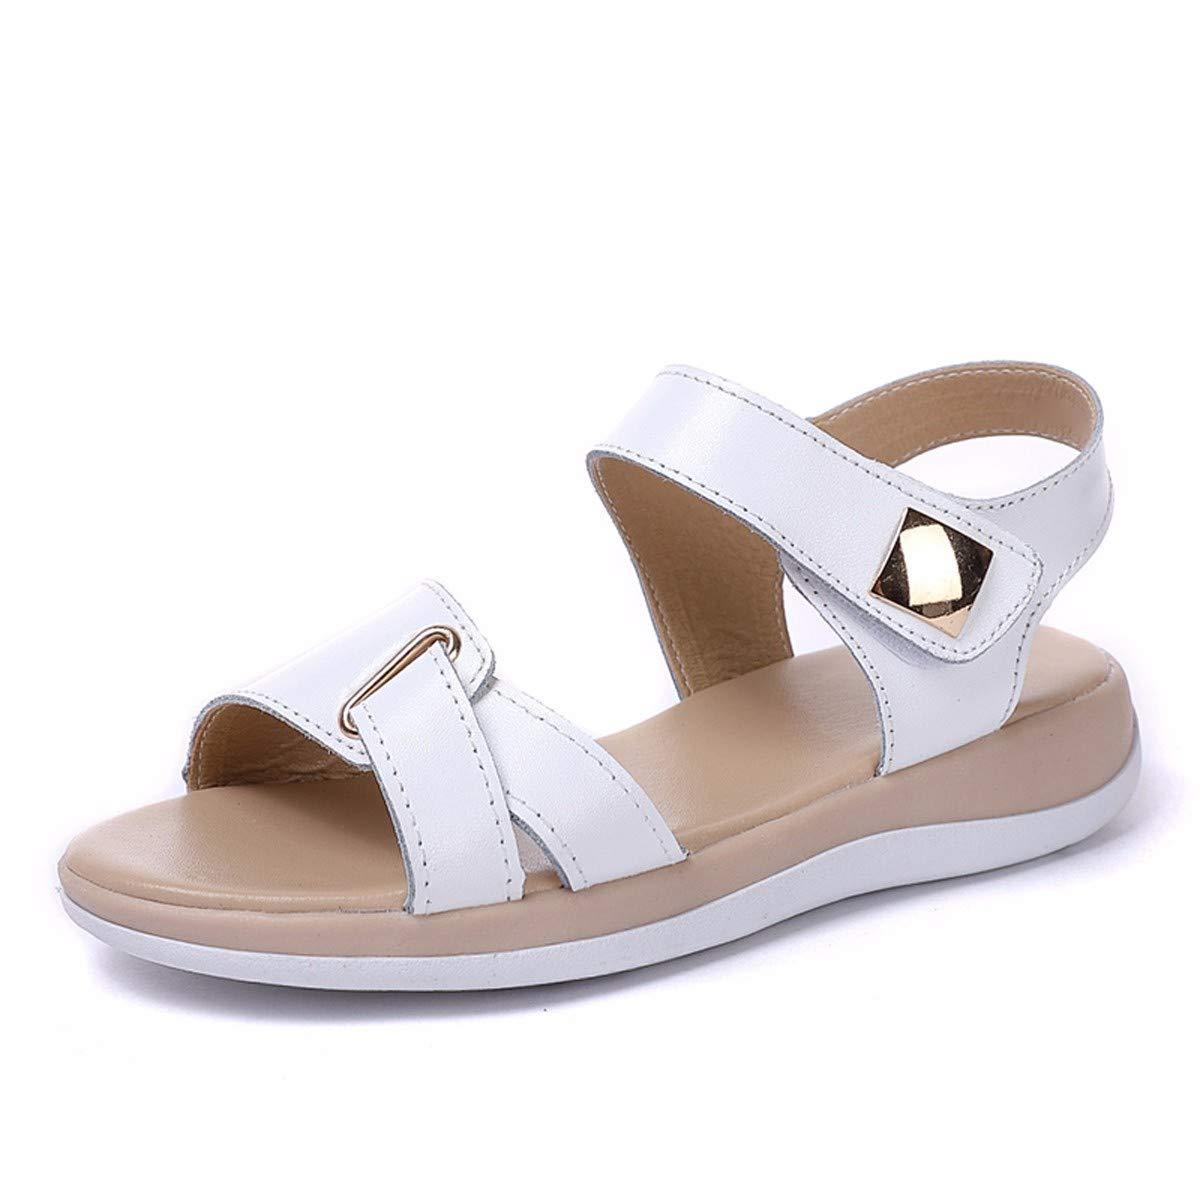 KPHY-Sommer - Sandaleen Frauen Flache Schuhe Leder Komfortabel Wild Lässig Studenten Frauen Schuhe.37 Weiße